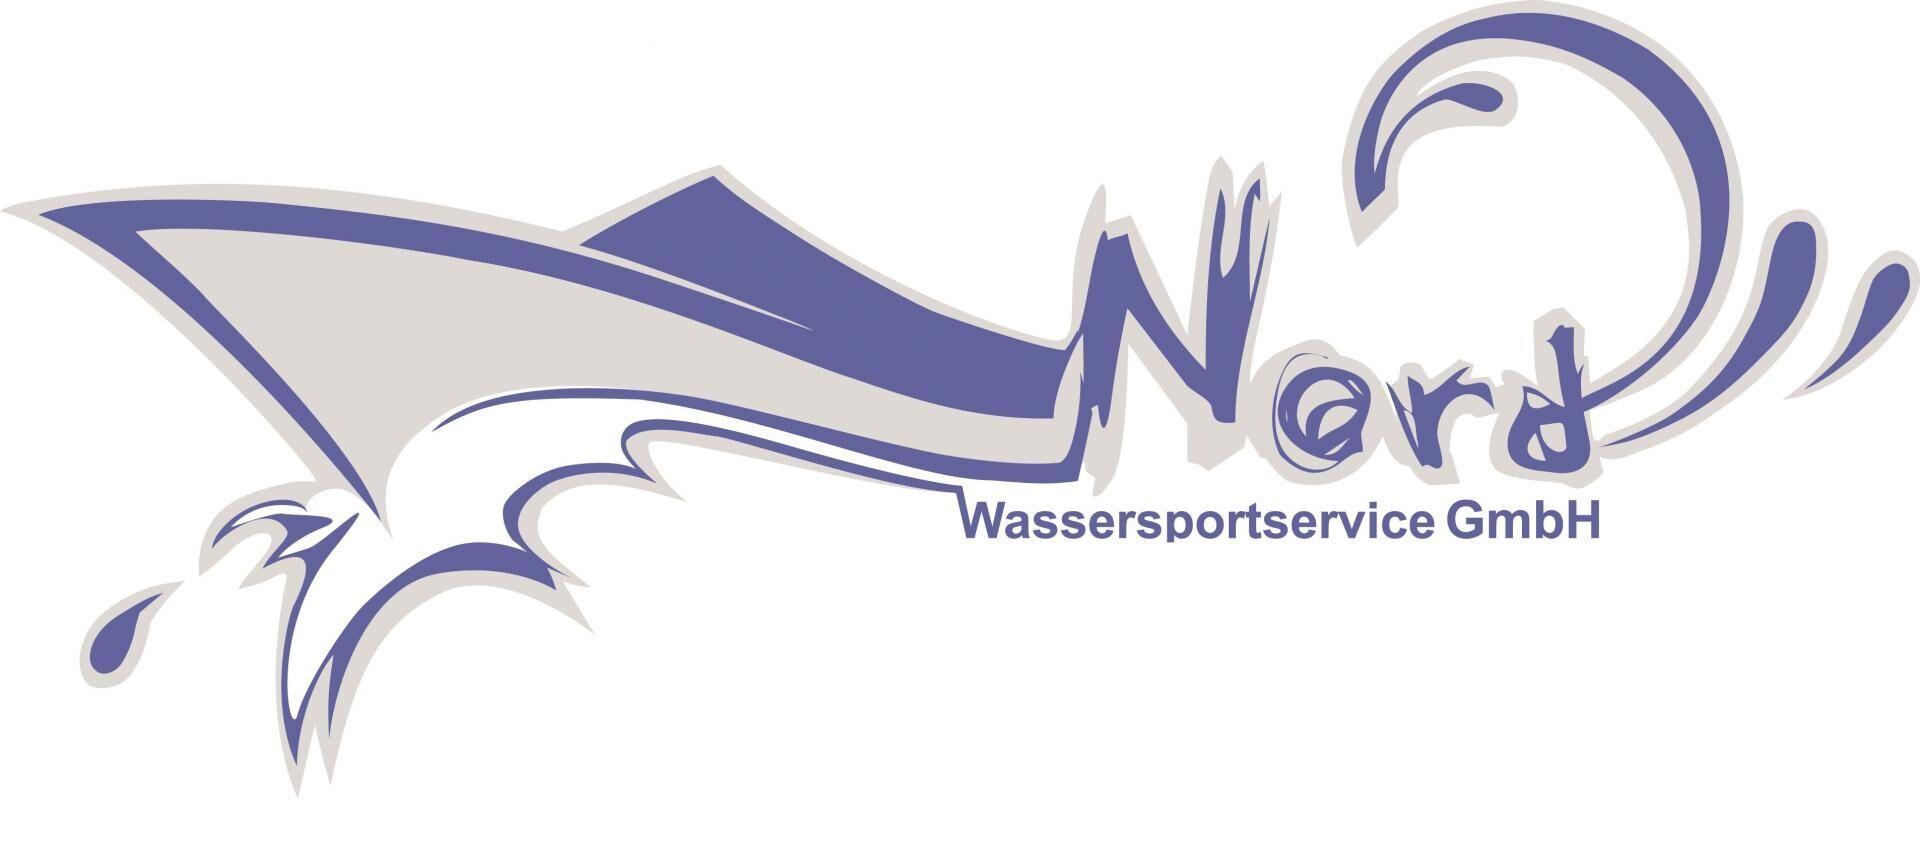 Wassersportservice